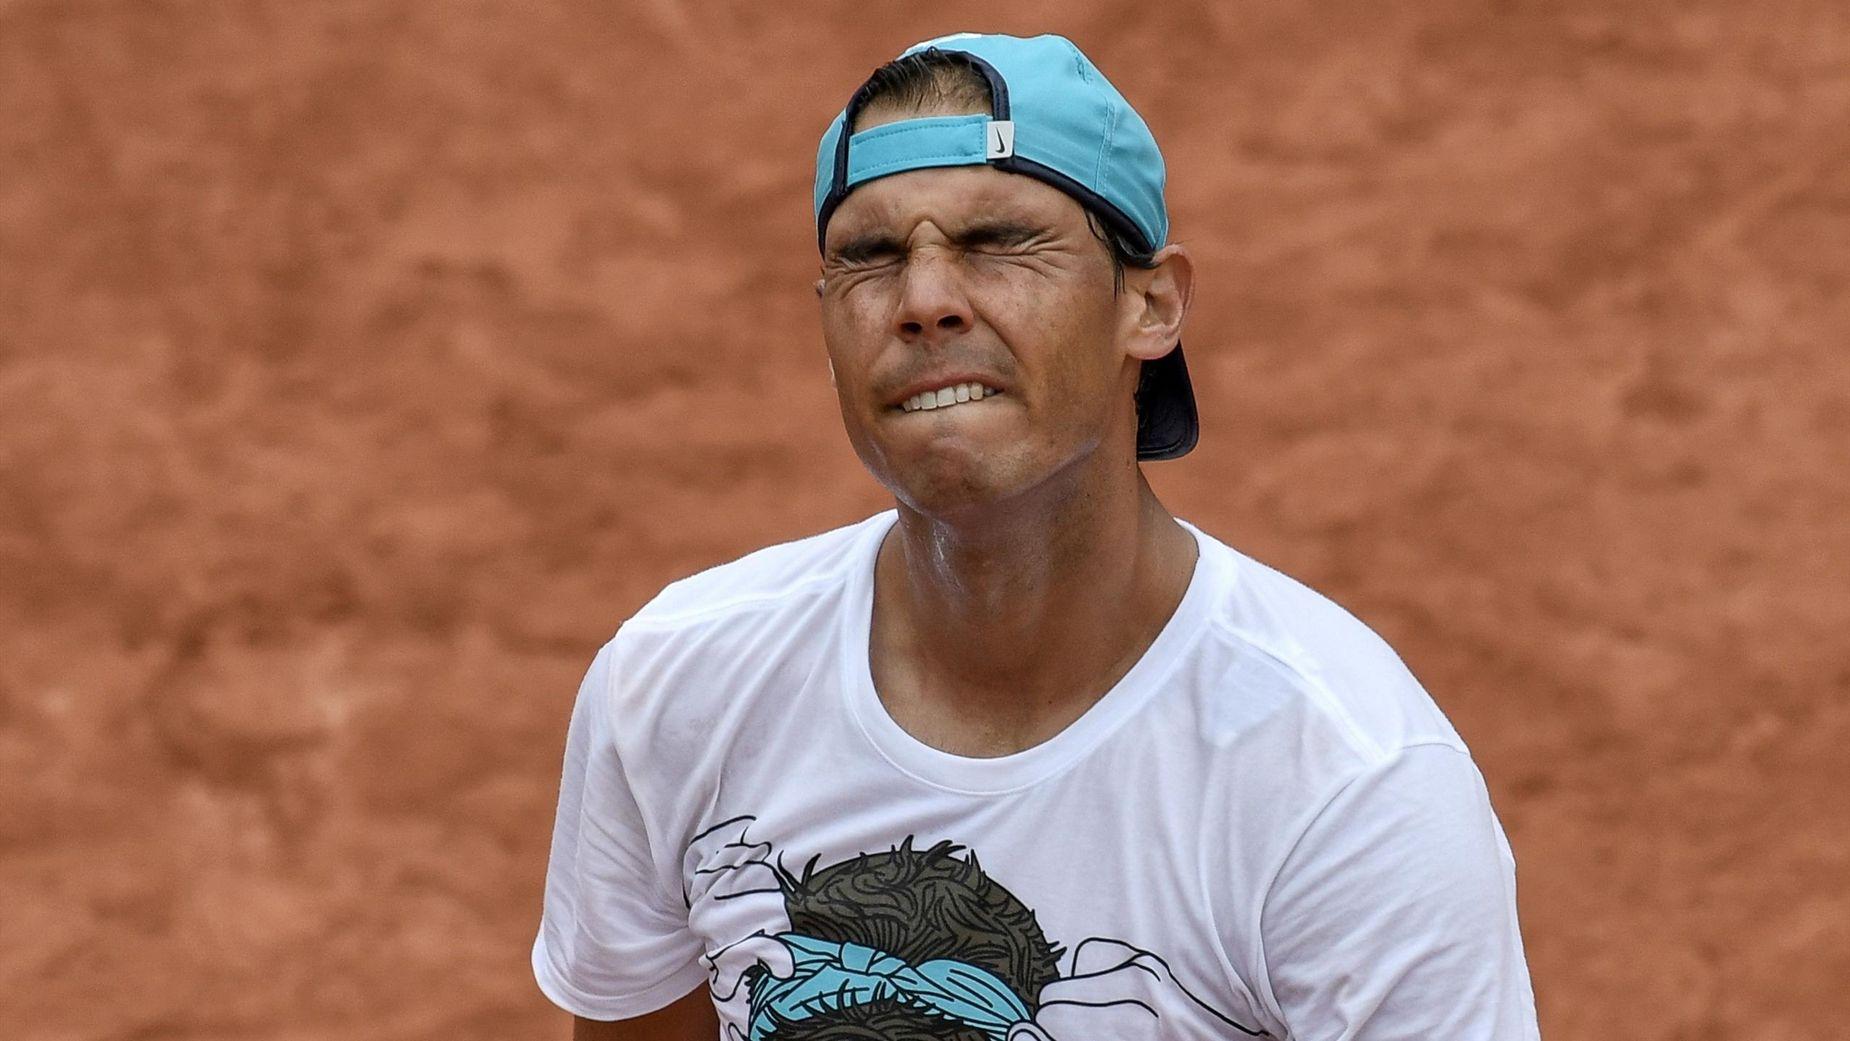 Rafael Nadal déclare forfait à cause de son poignet gauche